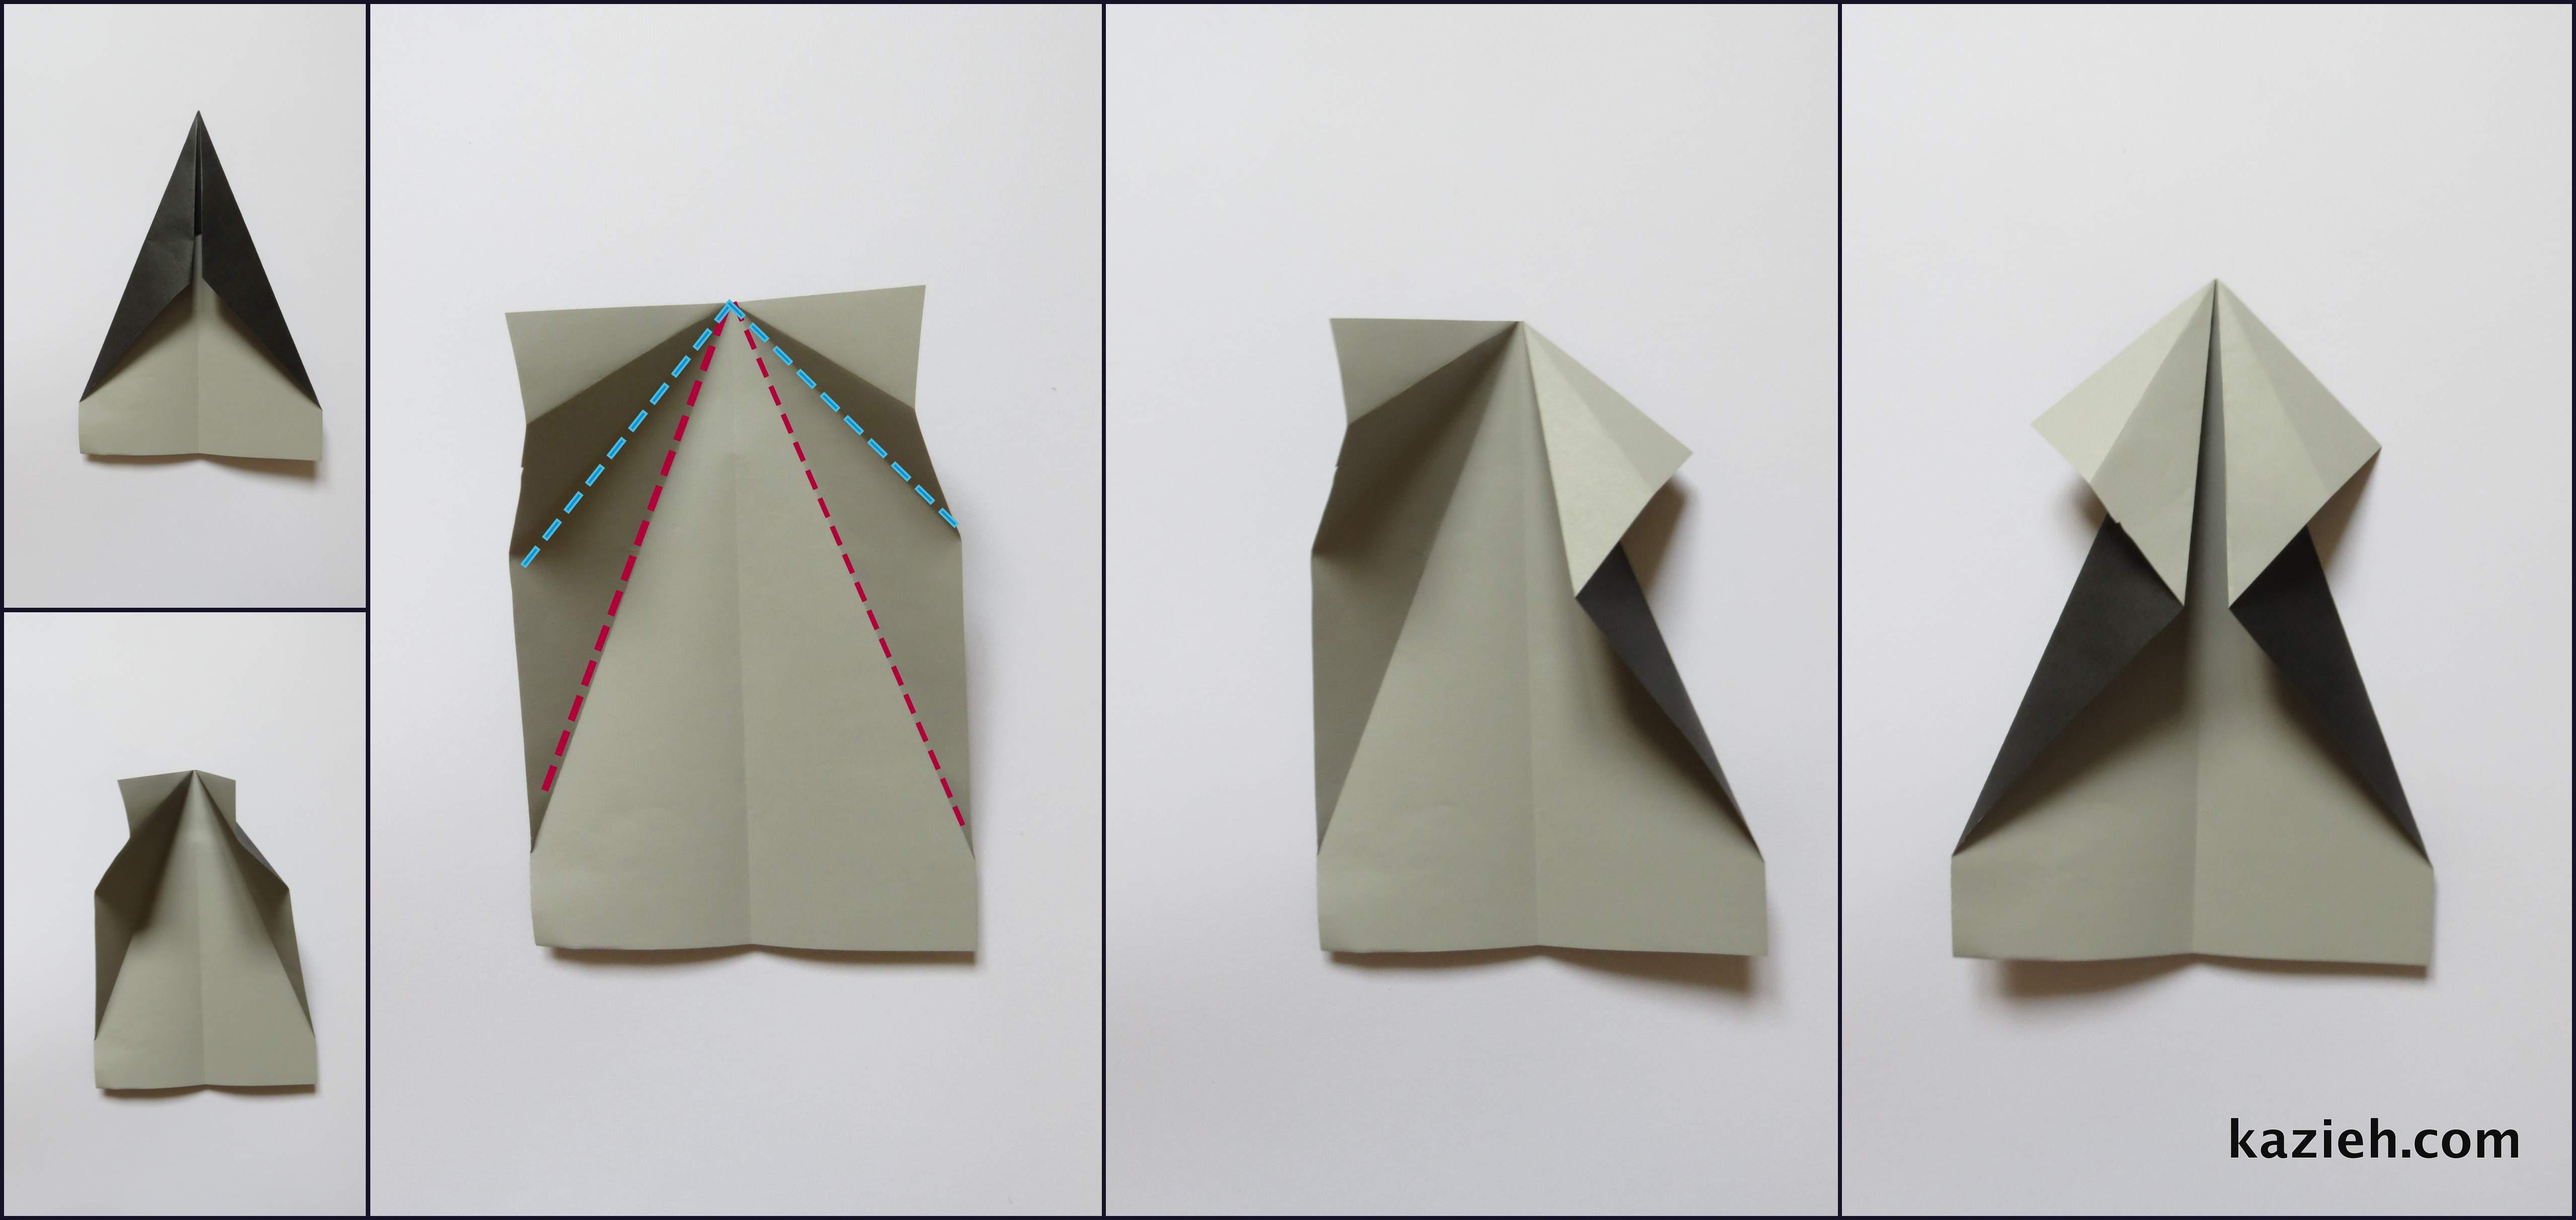 آموزش موشک کاغذی - مرحله سوم - کازیه